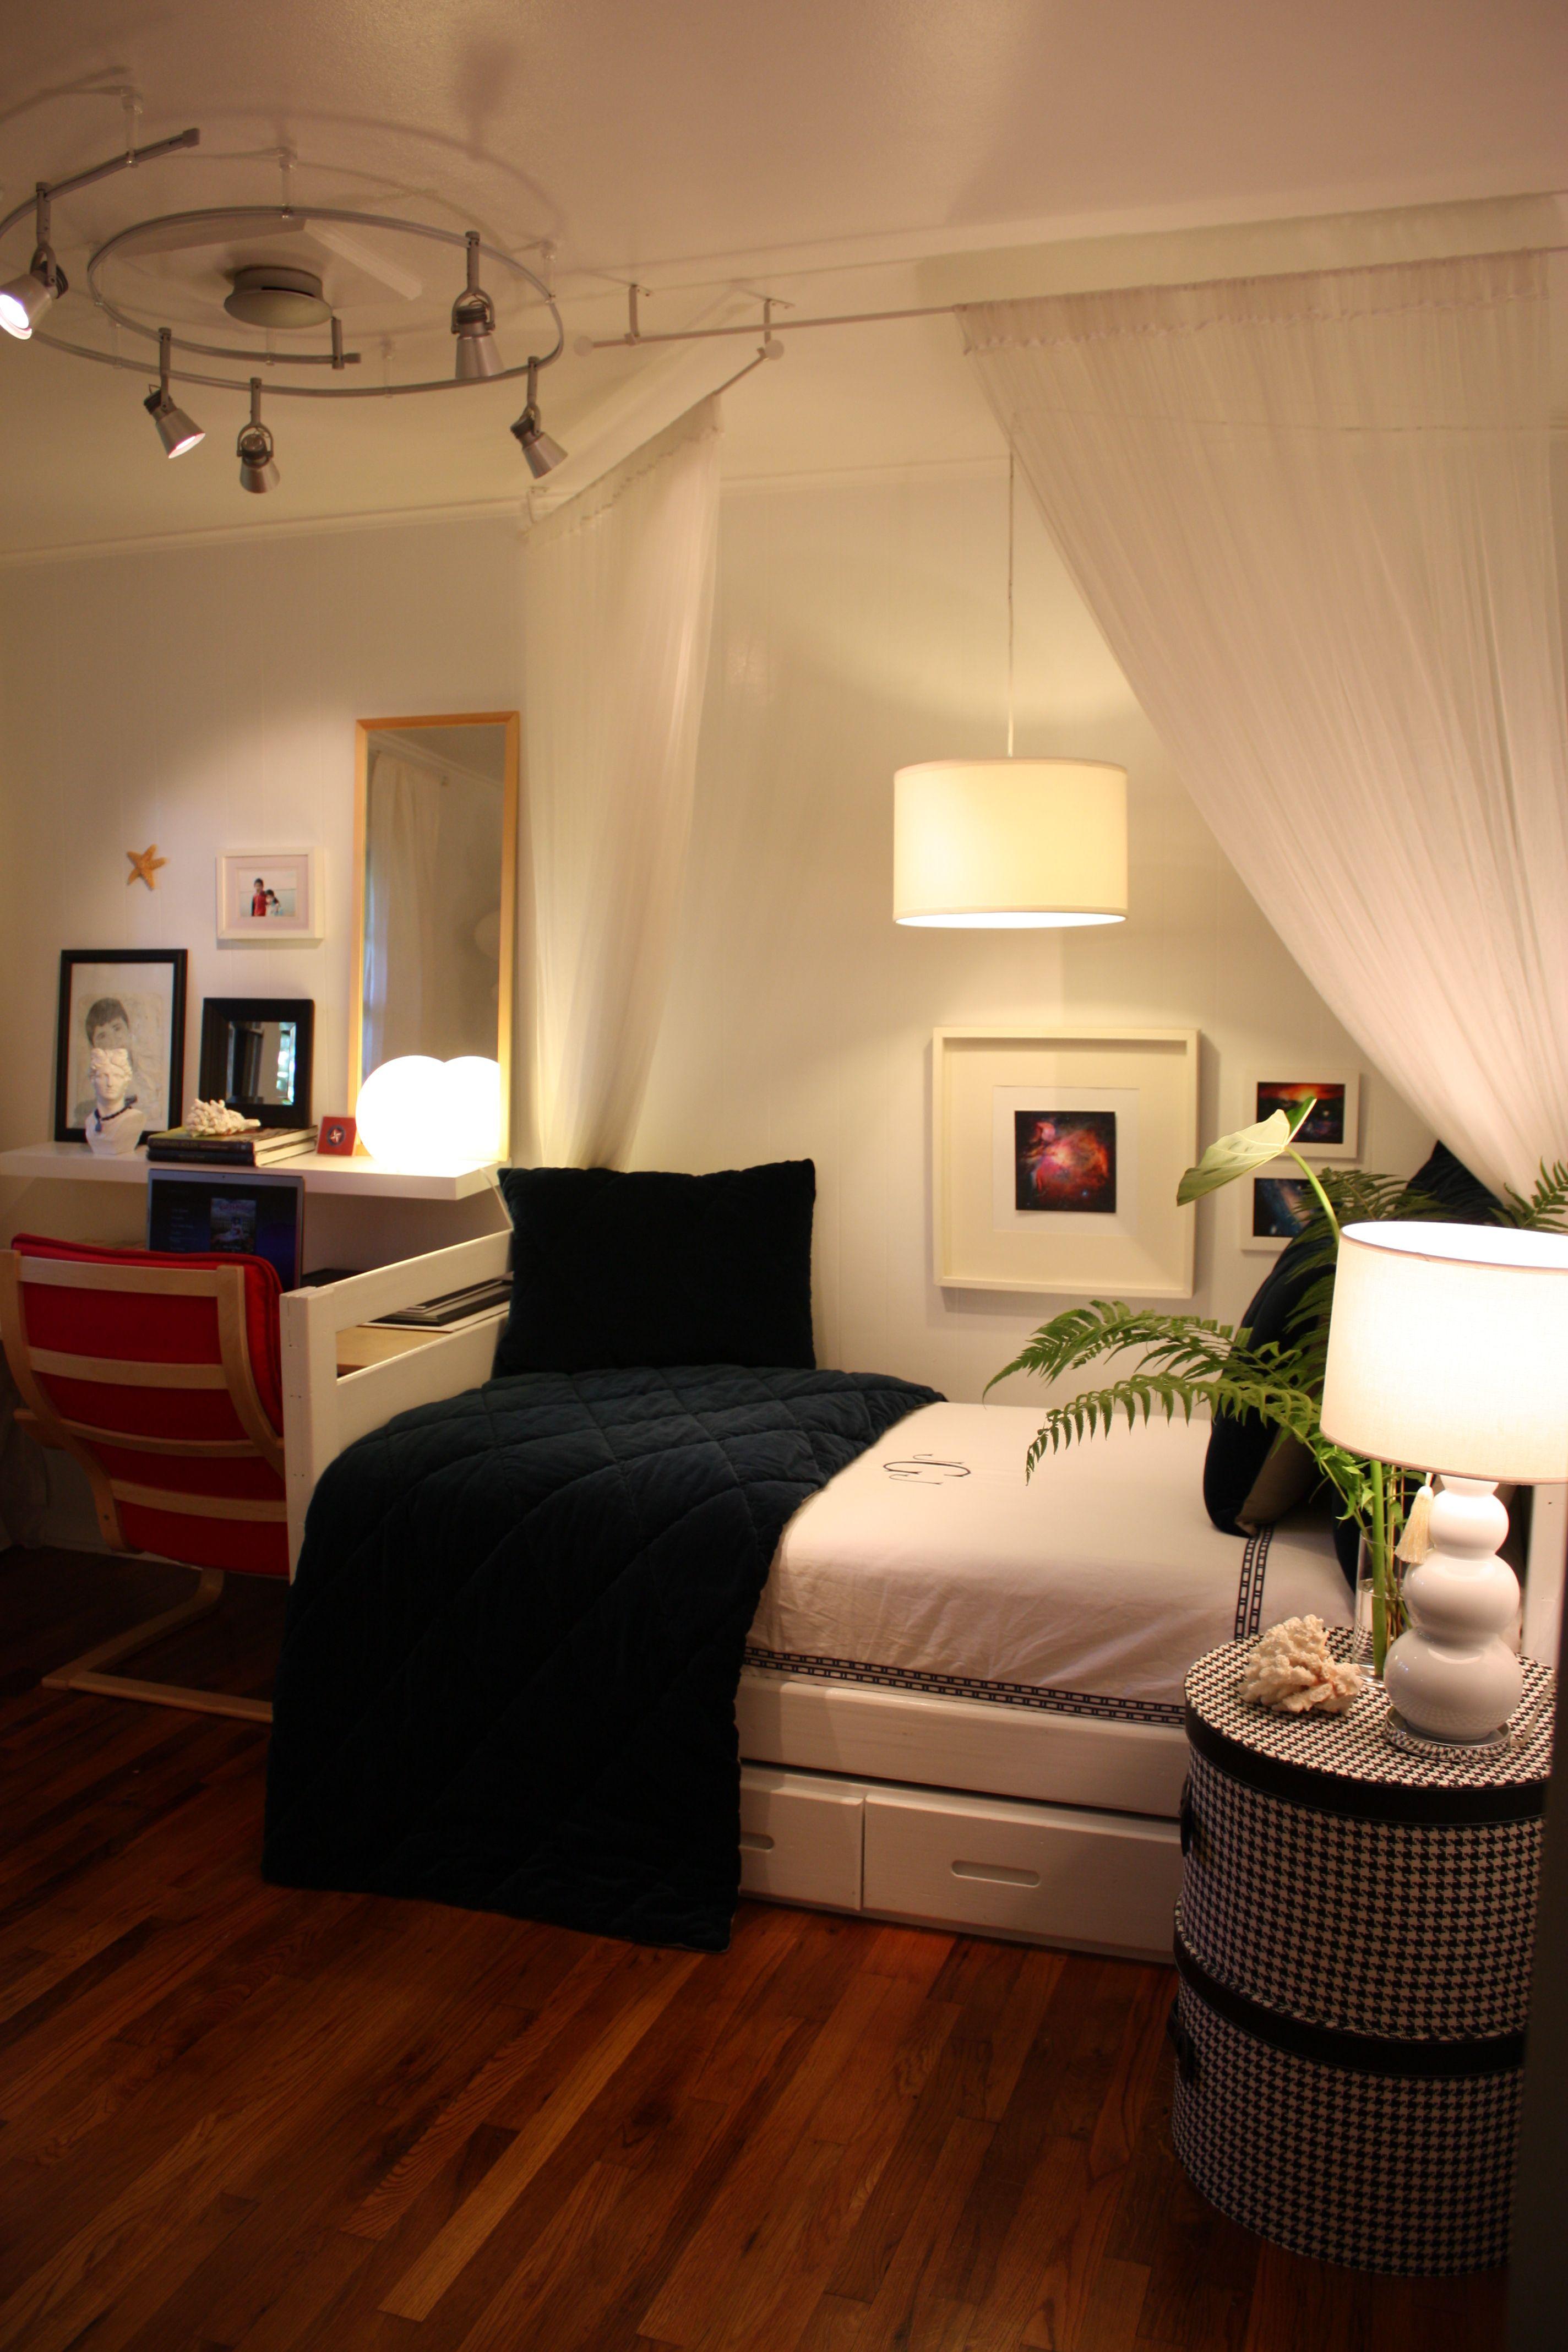 Respekt Einflößendem Kleines Schlafzimmer Ideen Und Möbel Dekore Werden In  Der Regel Erfasst über Einen Abschnitt